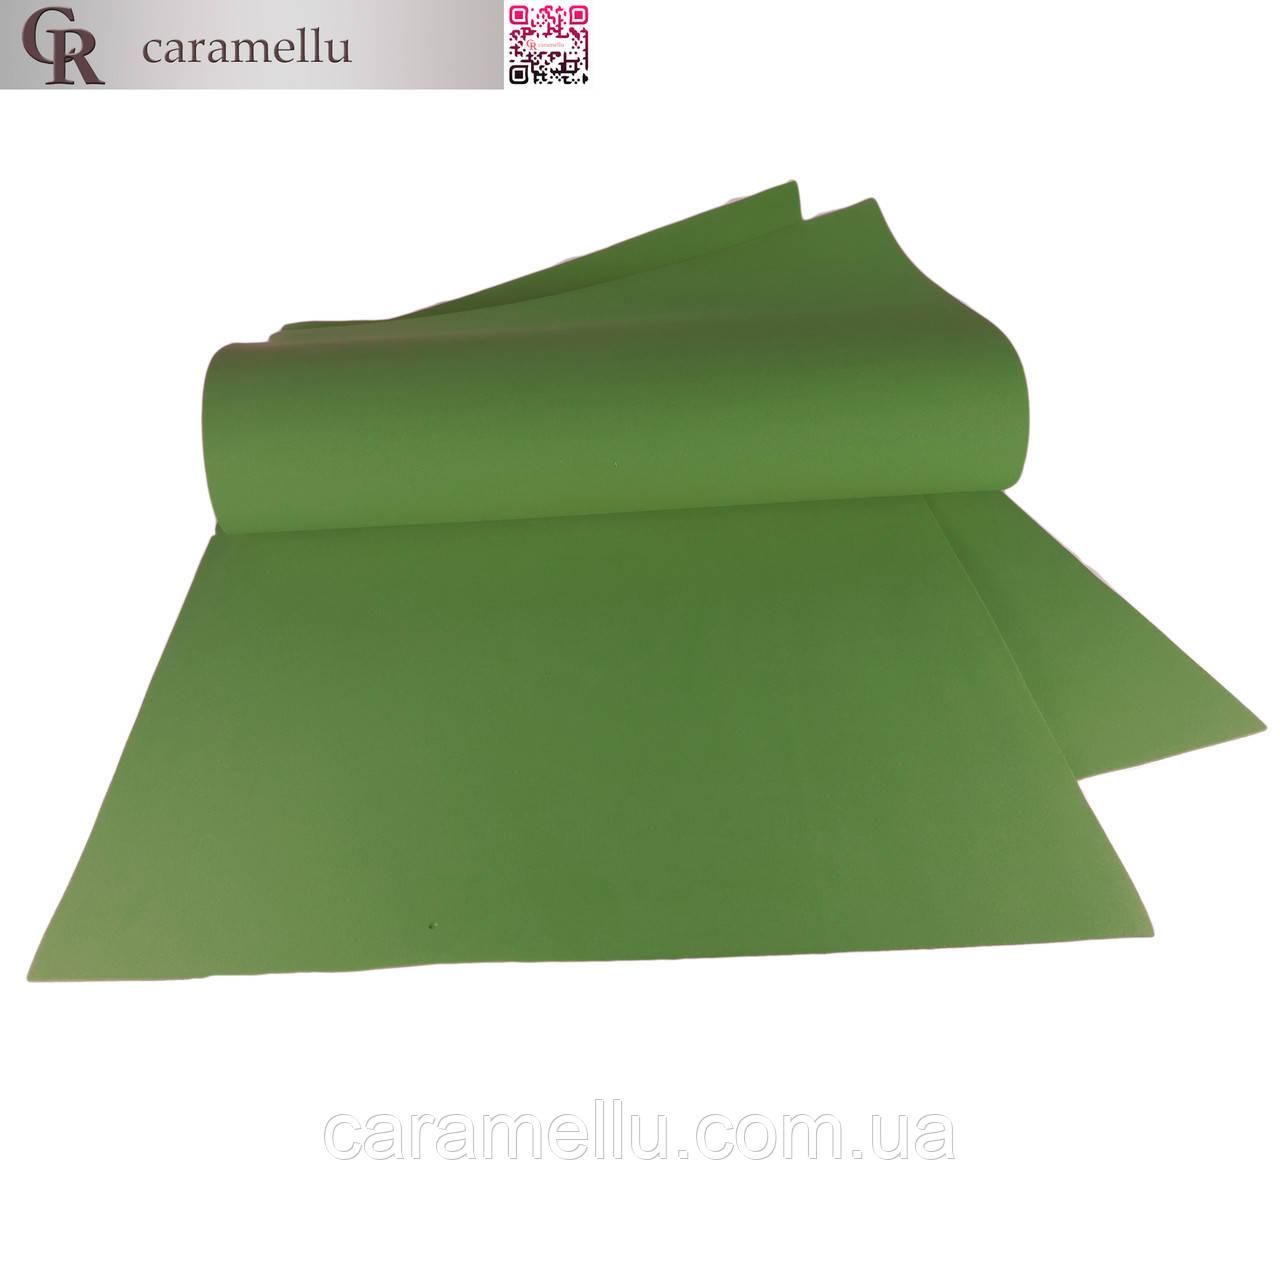 Фоамиран иранский 179, Темно-зеленый, 1мм, 70х60см.